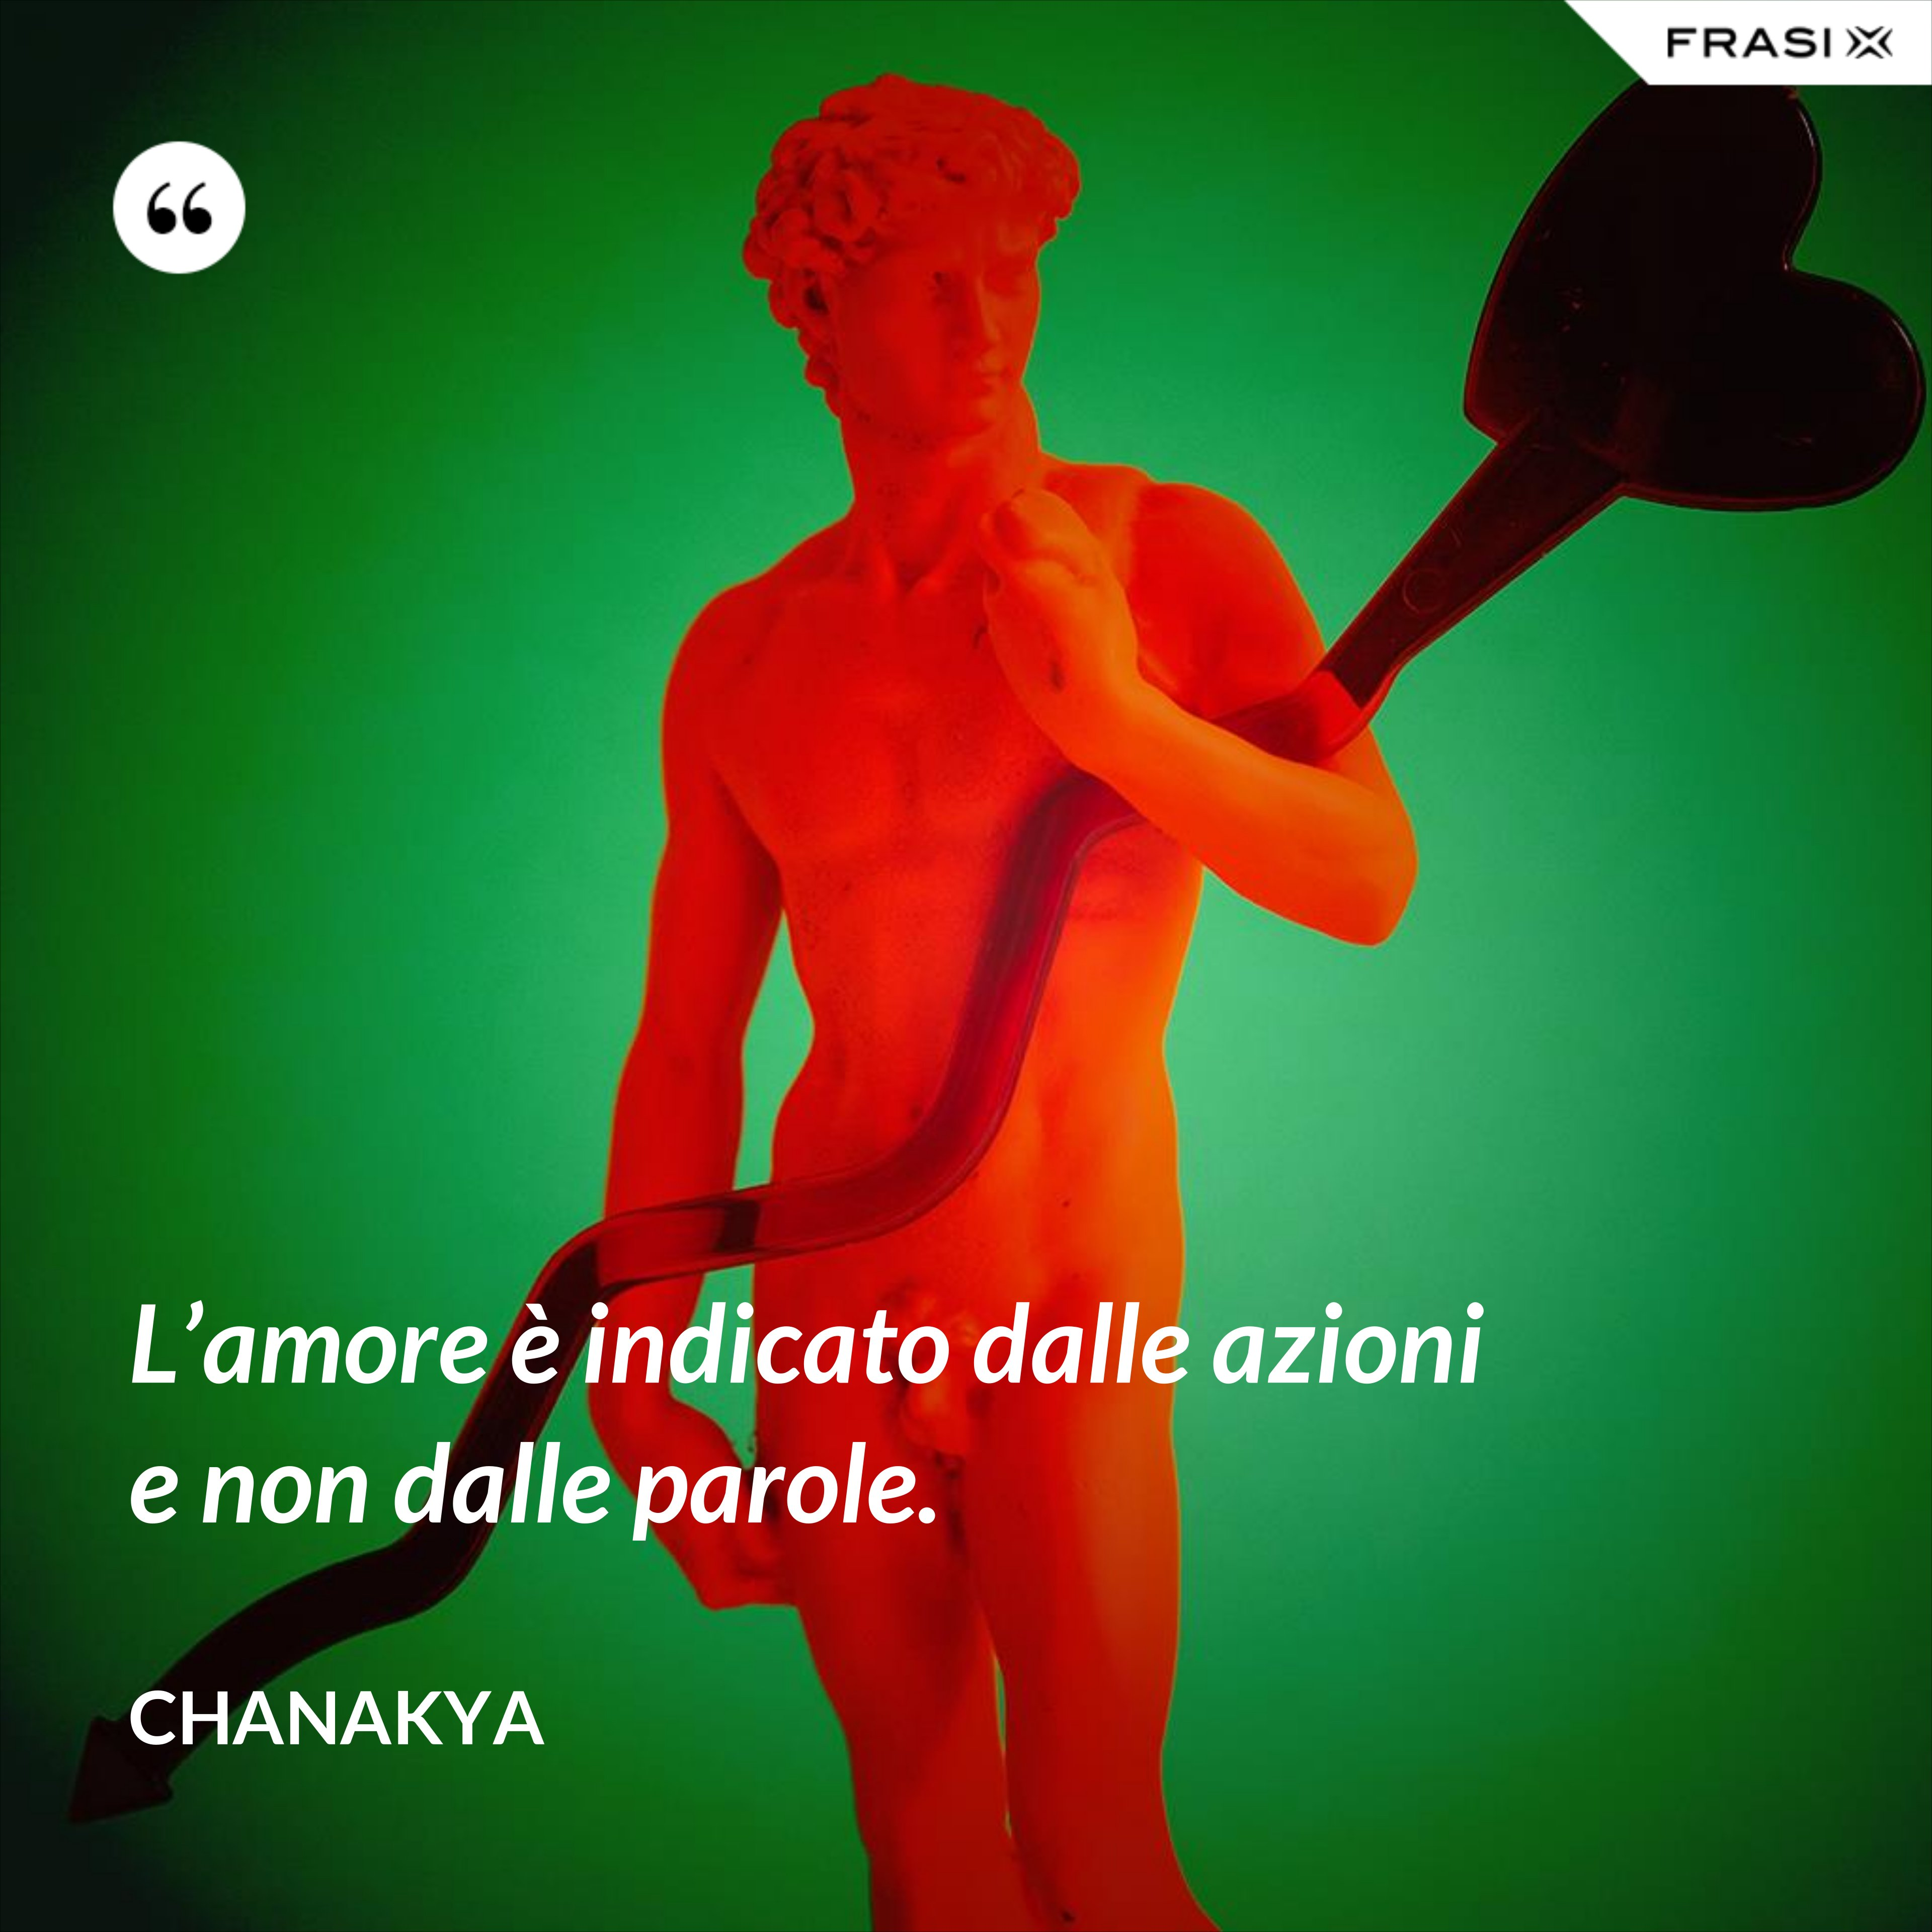 L'amore è indicato dalle azioni e non dalle parole. - Chanakya